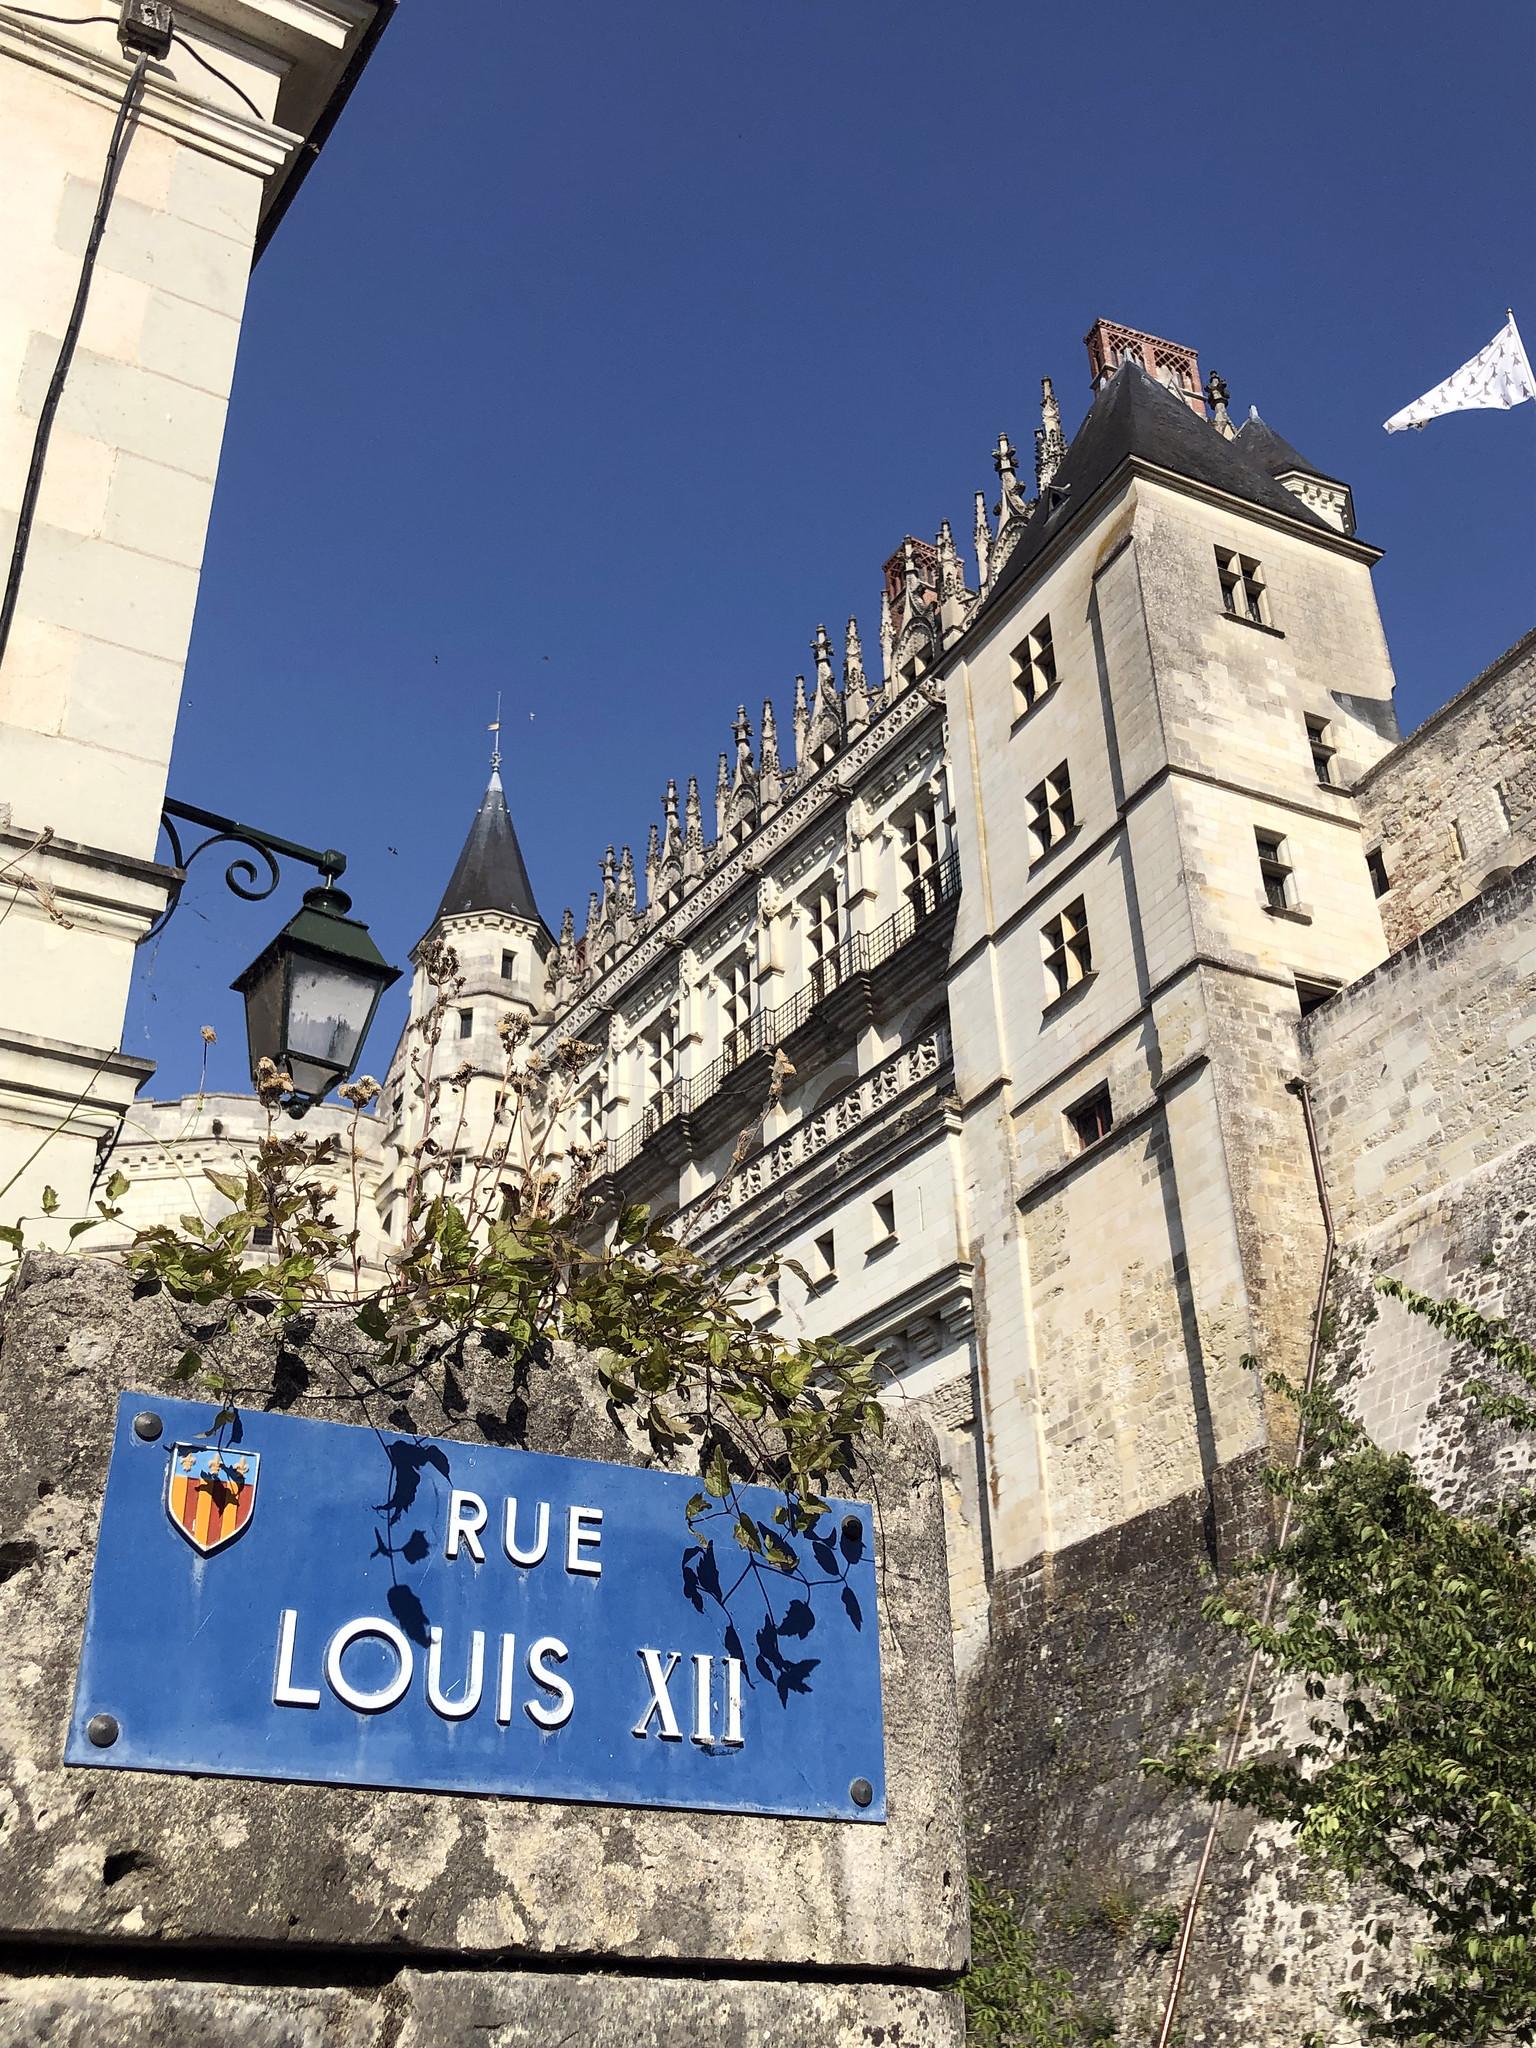 Valle del Loira en 2 días, Francia - Amboise, Tours, Chenonceau valle del loira en 2 días - 48643794841 c4247de390 k - Valle del Loira en 2 días